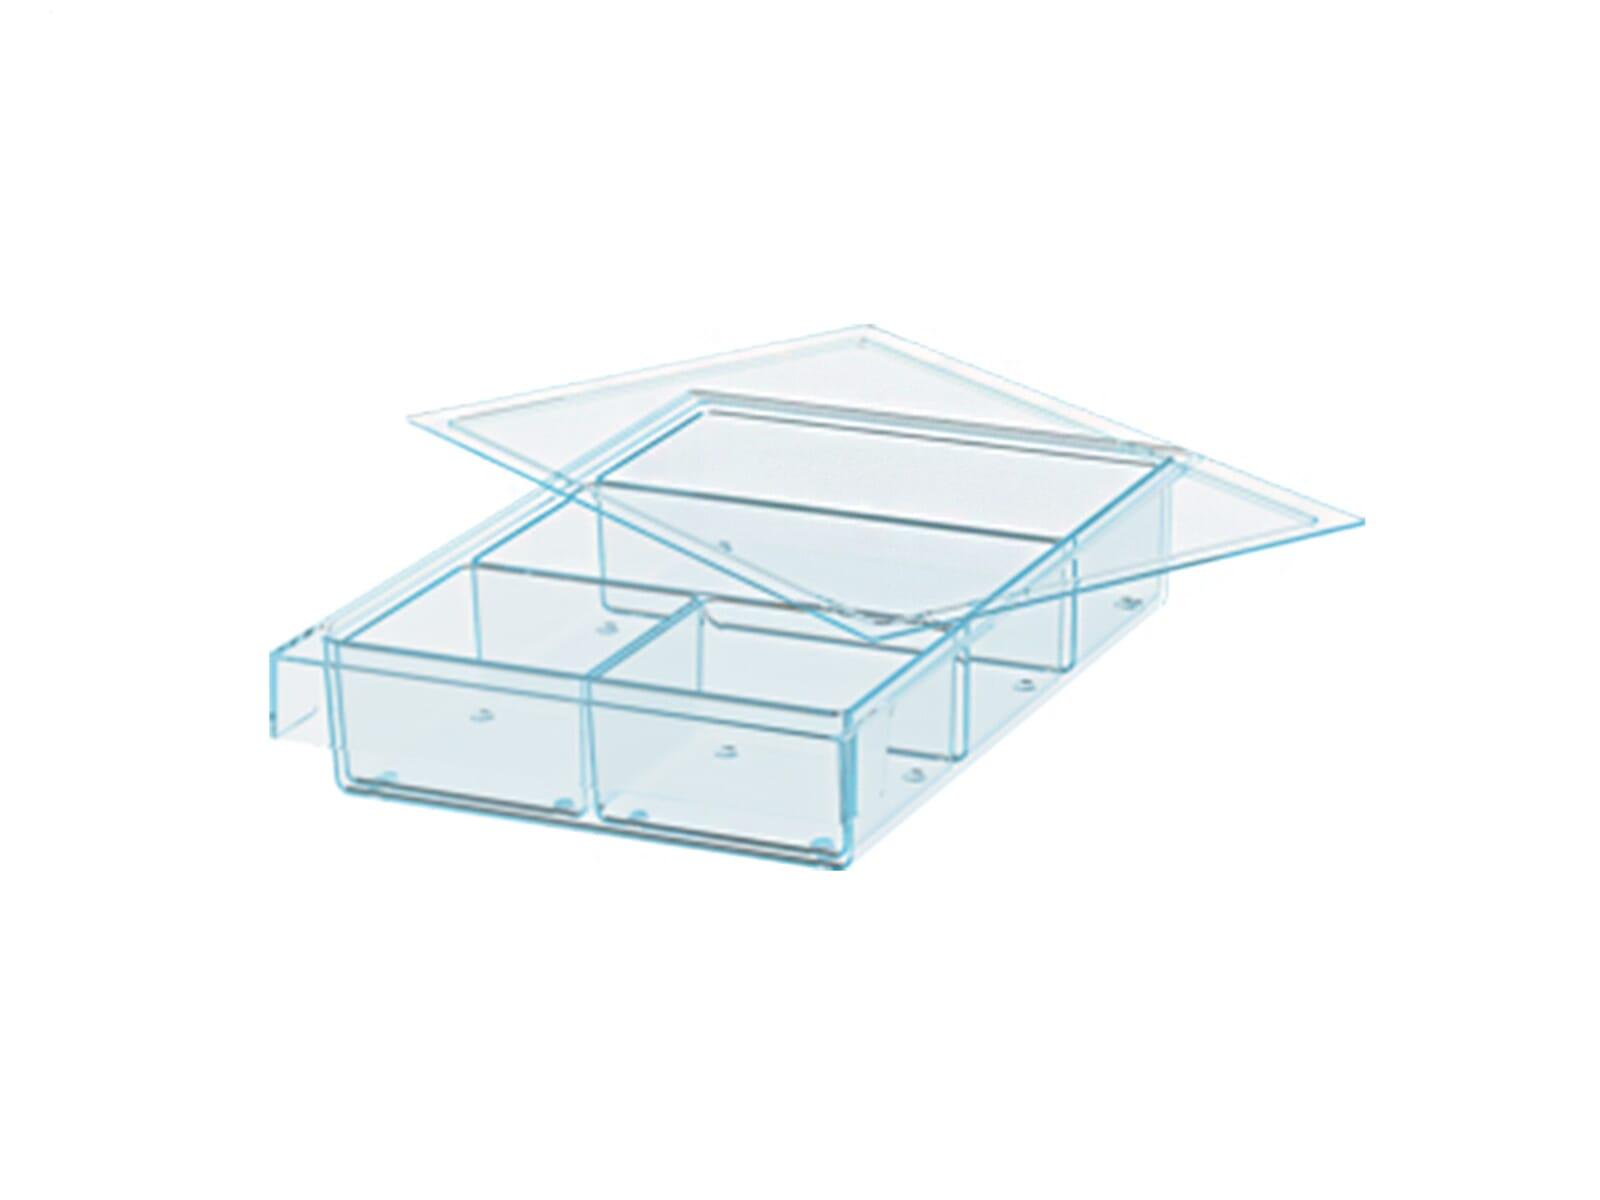 Kühlschrank Aufbewahrungsbox : Bosch ksz10010 aufbewahrungsbox